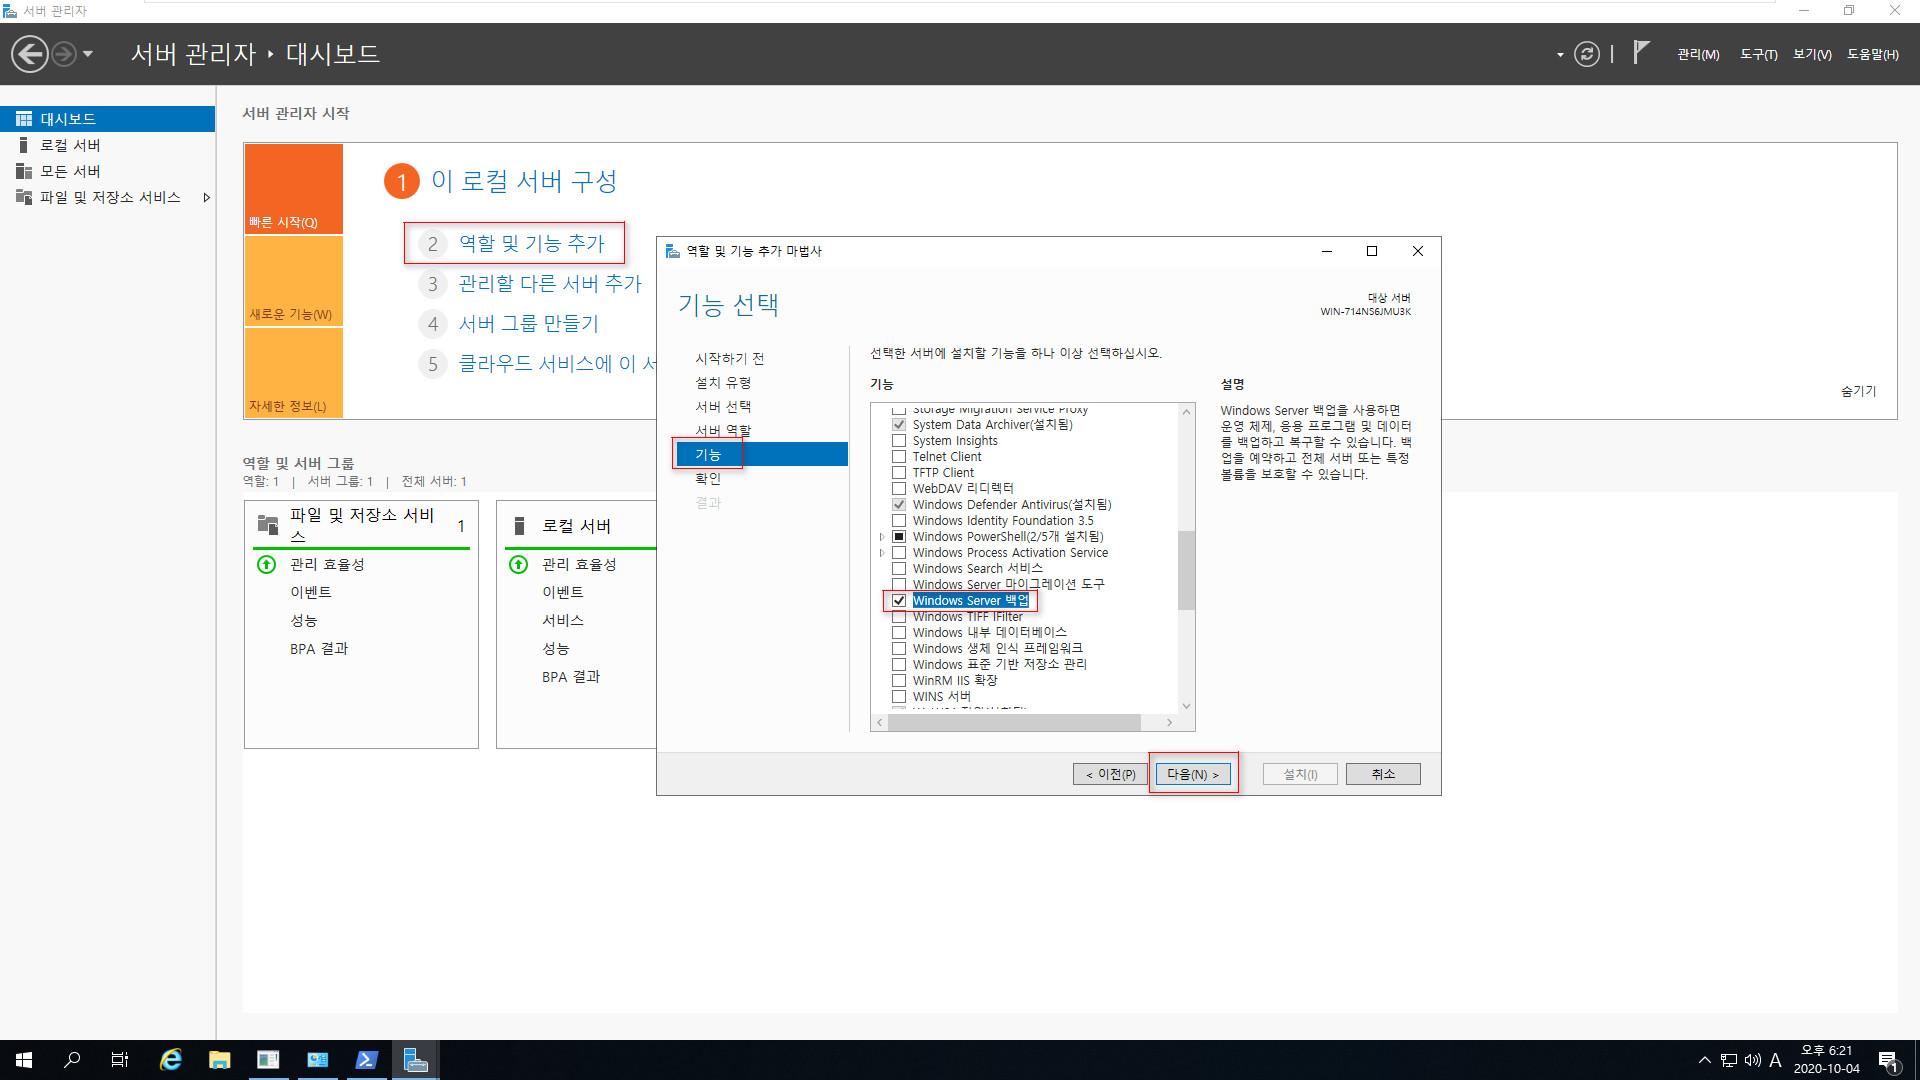 윈도우 서버군은 윈도우 사용중에도 자체 WBadmin 명령으로 윈도우 복구를 합니다 - Windows Server 2019로 복구 테스트 2020-10-04_182138.jpg